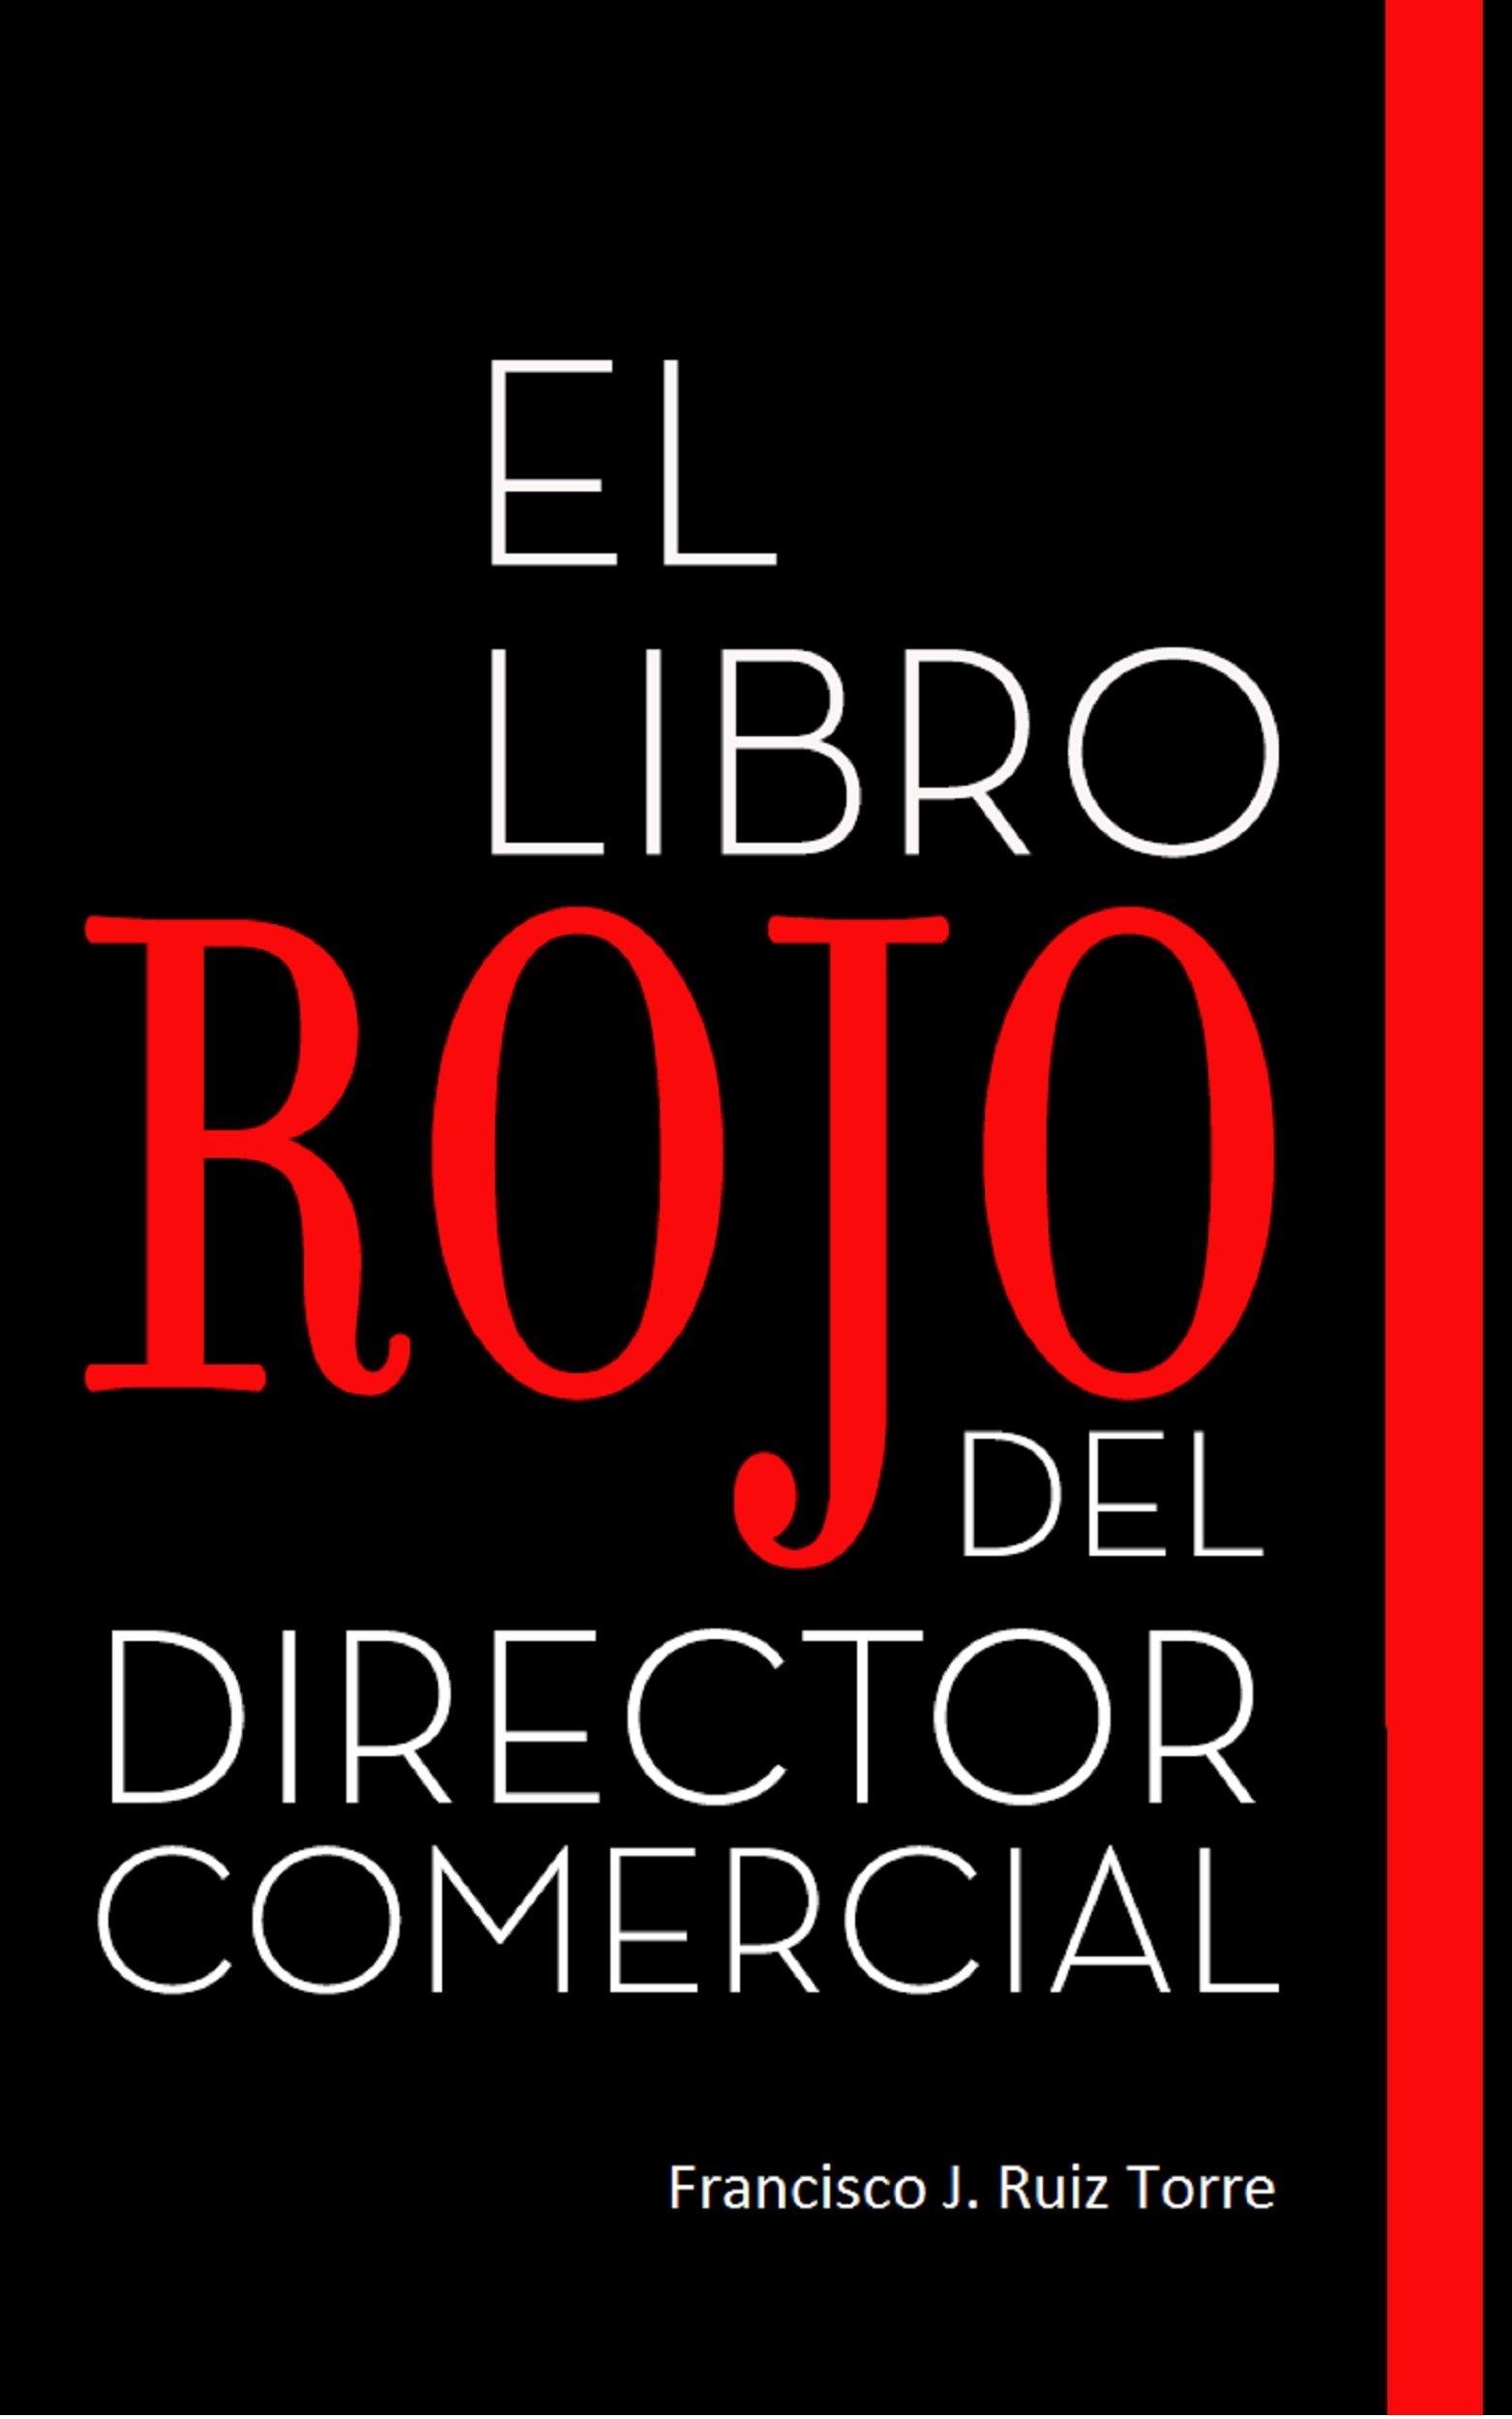 El Libro Rojo del Director Comercial (Ventas nº 1) (Spanish Edition)